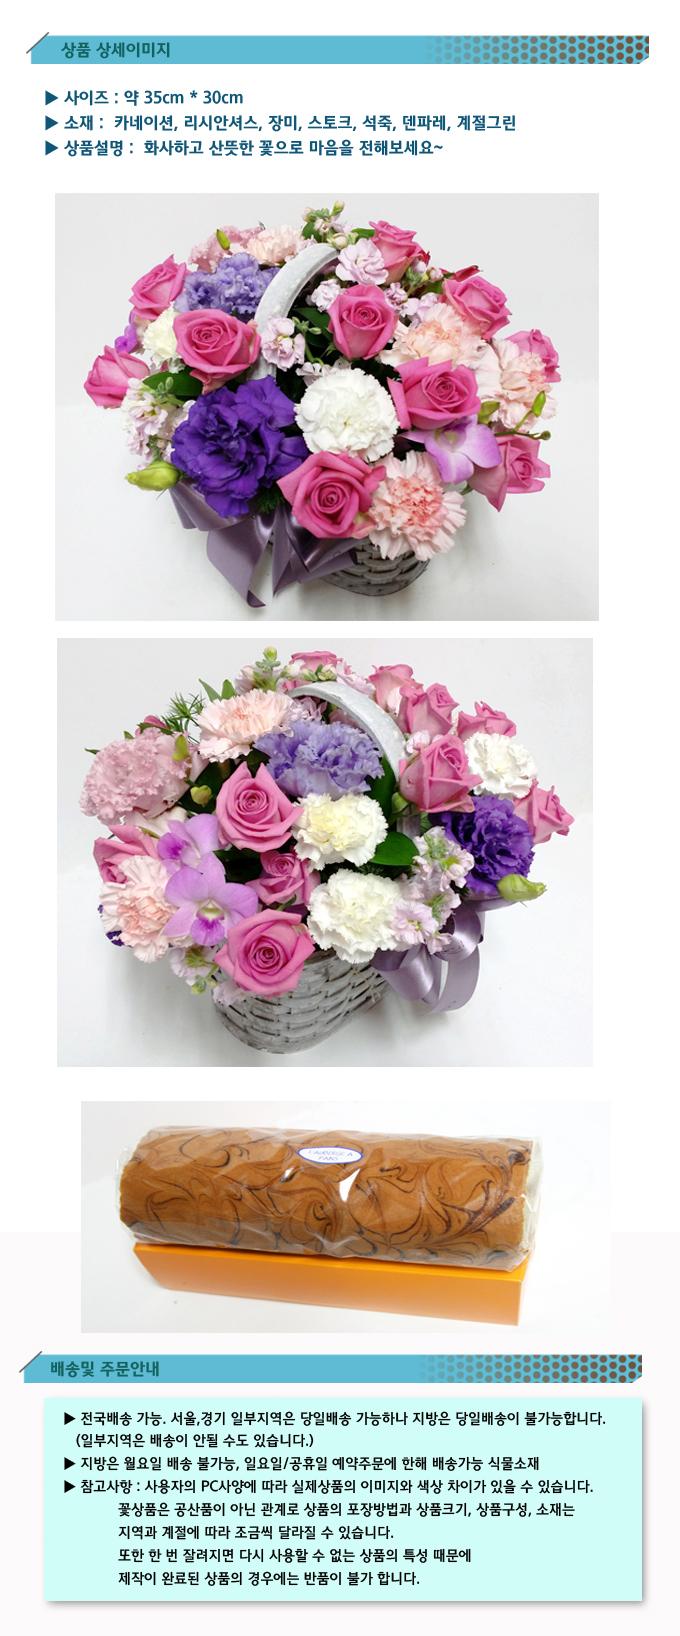 리틀 레이디 + 롤케익 1종